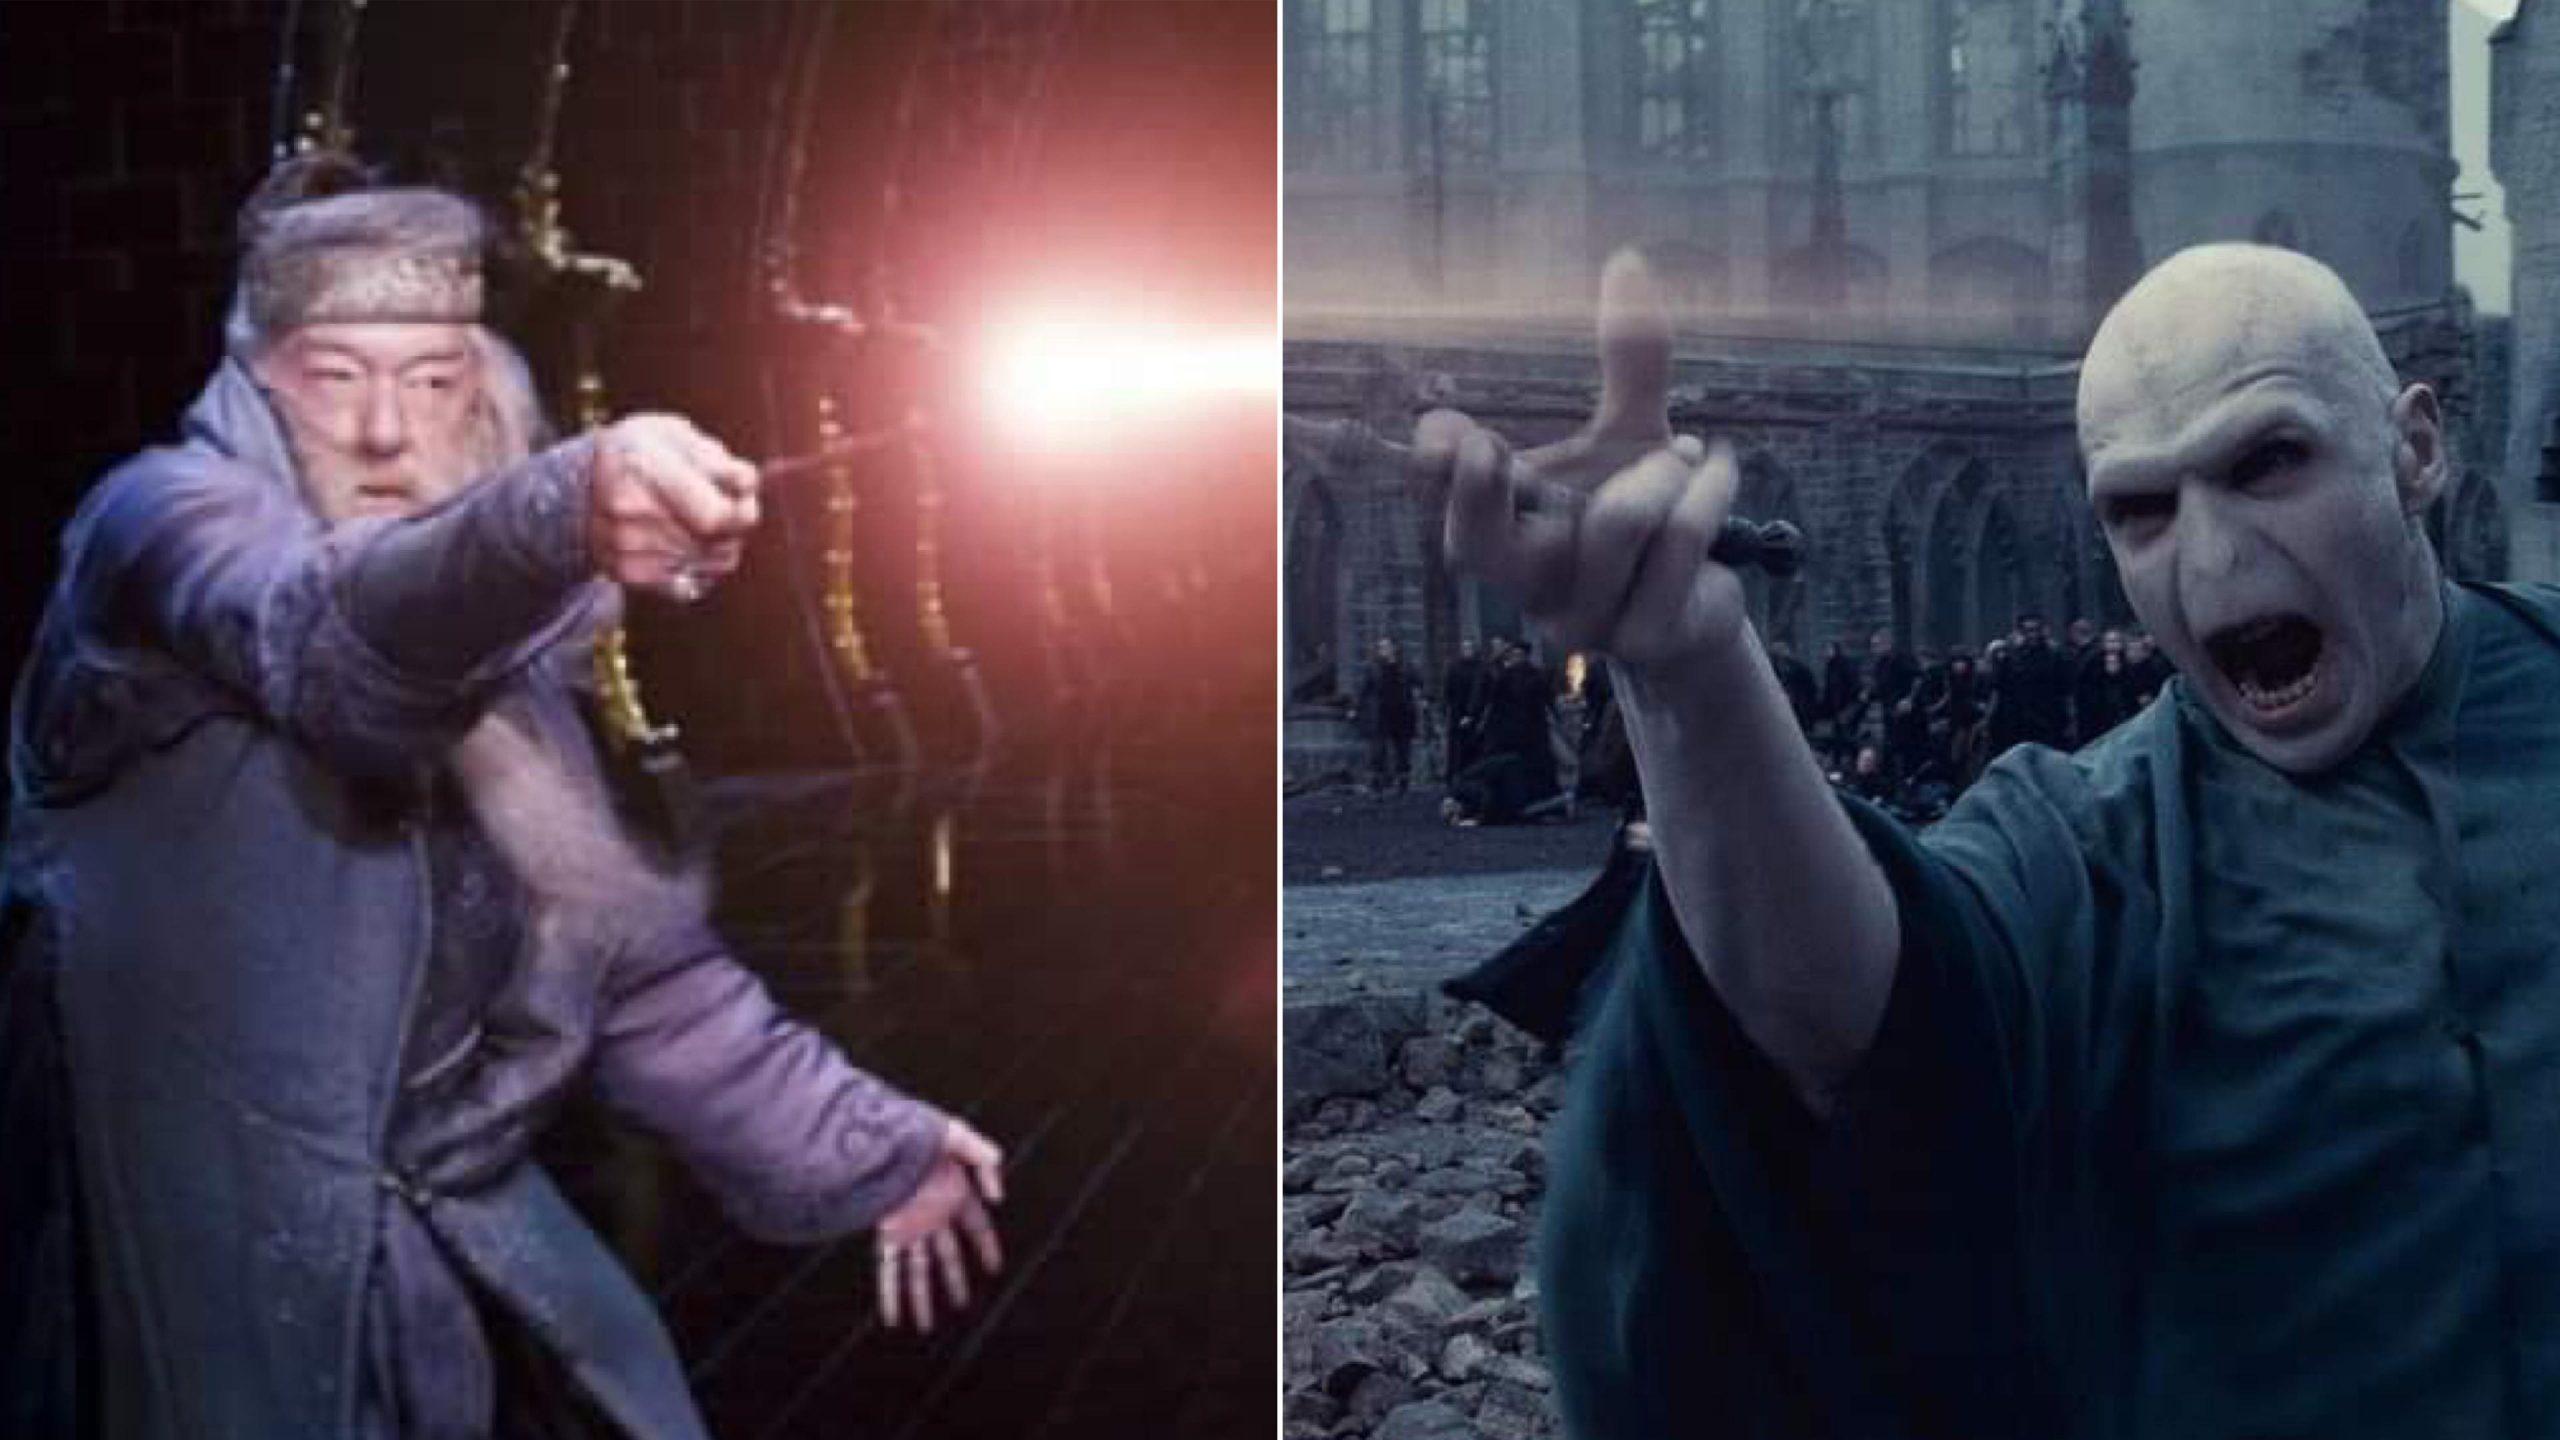 鄧不利多是最偉大的魔法師,為什麼佛地魔憑一己之力可以「壓制鄧不利多」? – 我們用電影寫日記